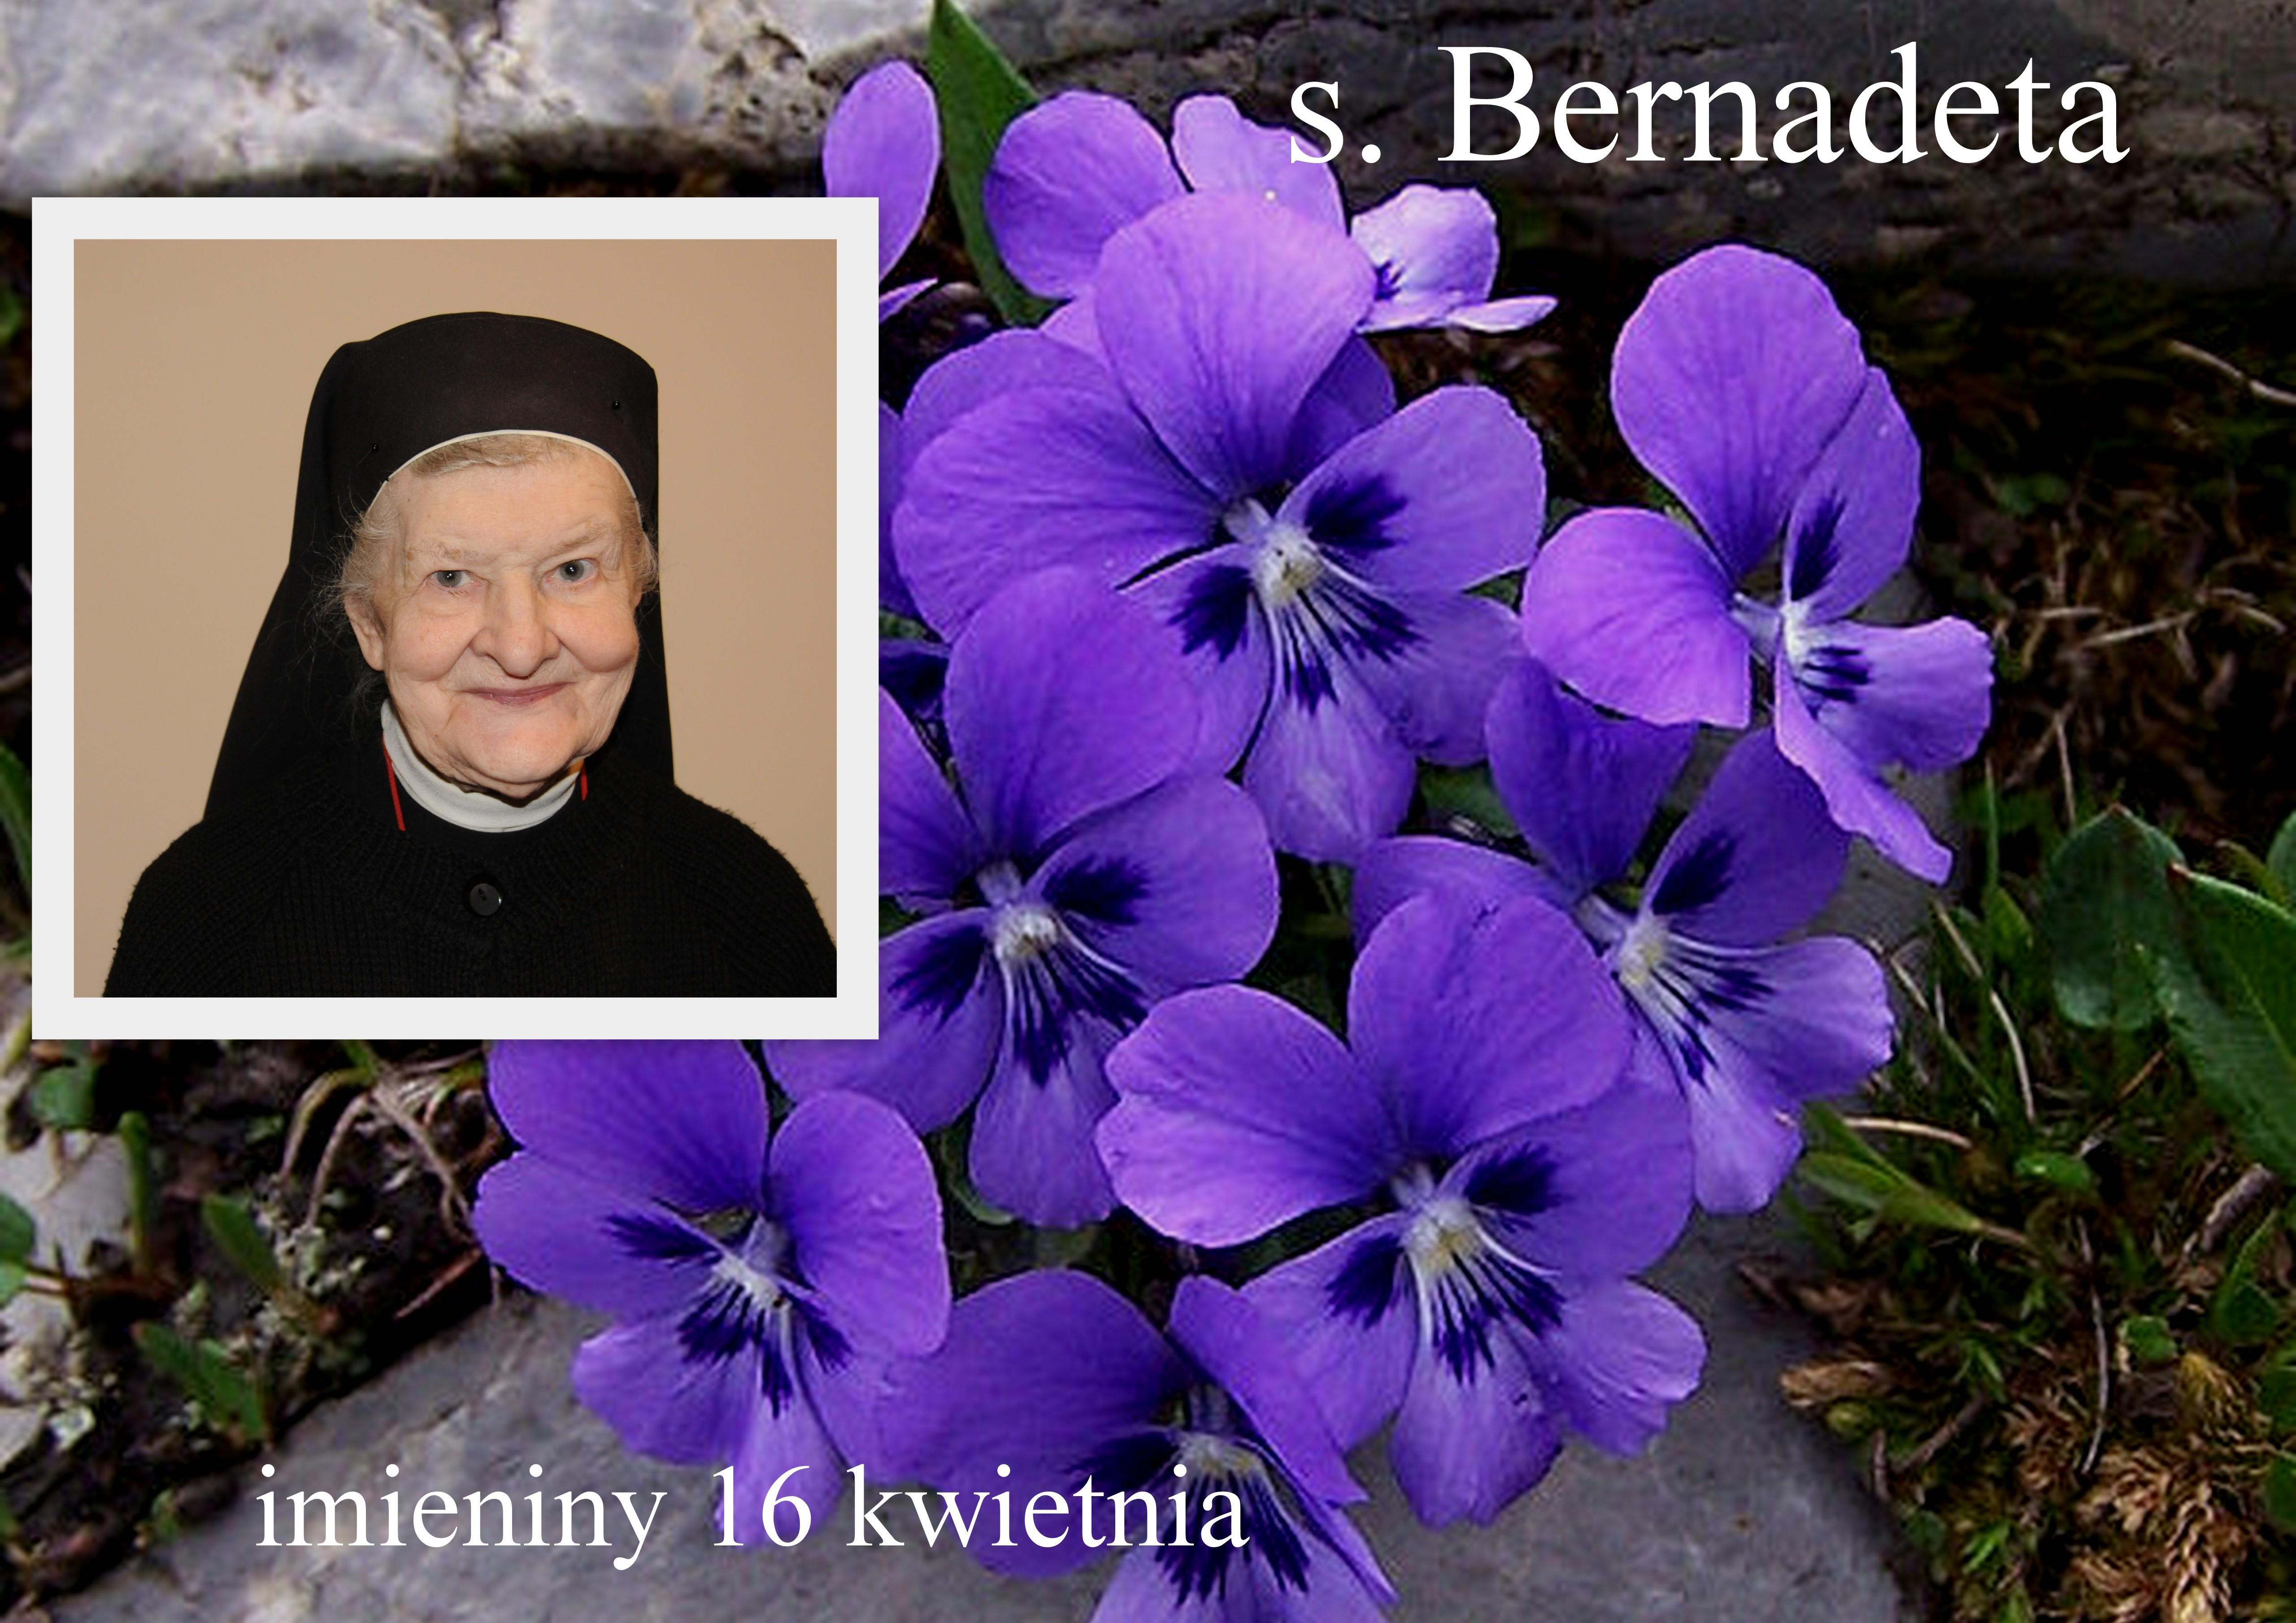 s. Bernadeta